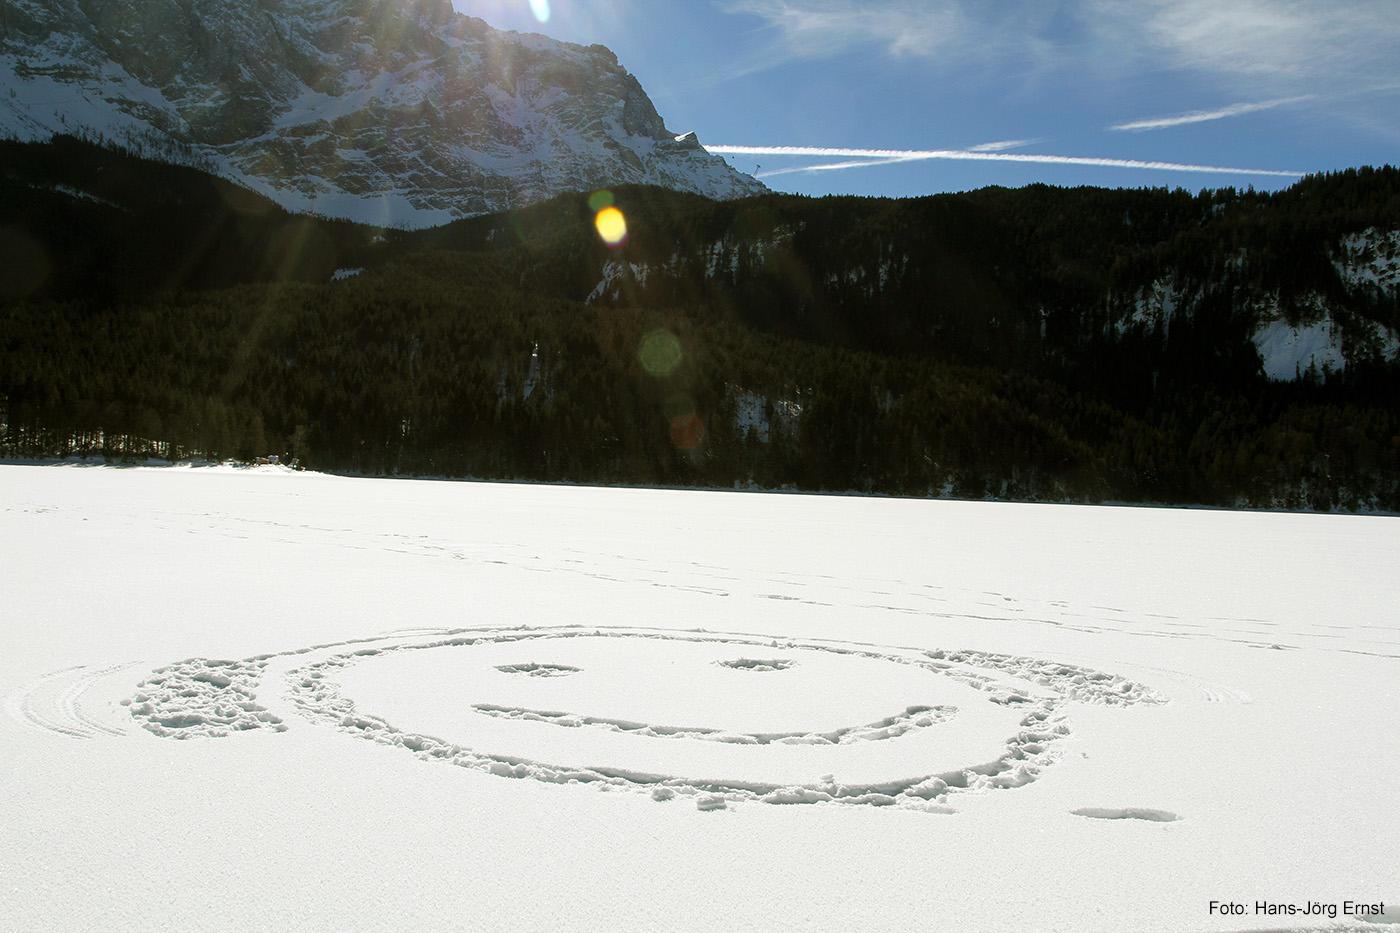 EIN SMILEY FÜR DEN EIBSEE In diesem Winter war der See am Fuß der Zugspitze komplett zugefroren. Klein im Bild ist am Zugspitzmassiv die Panoramagondel zu erkennen, die von Ehrwald (Österreich) aus auf den Zugspitzgipfel fährt.